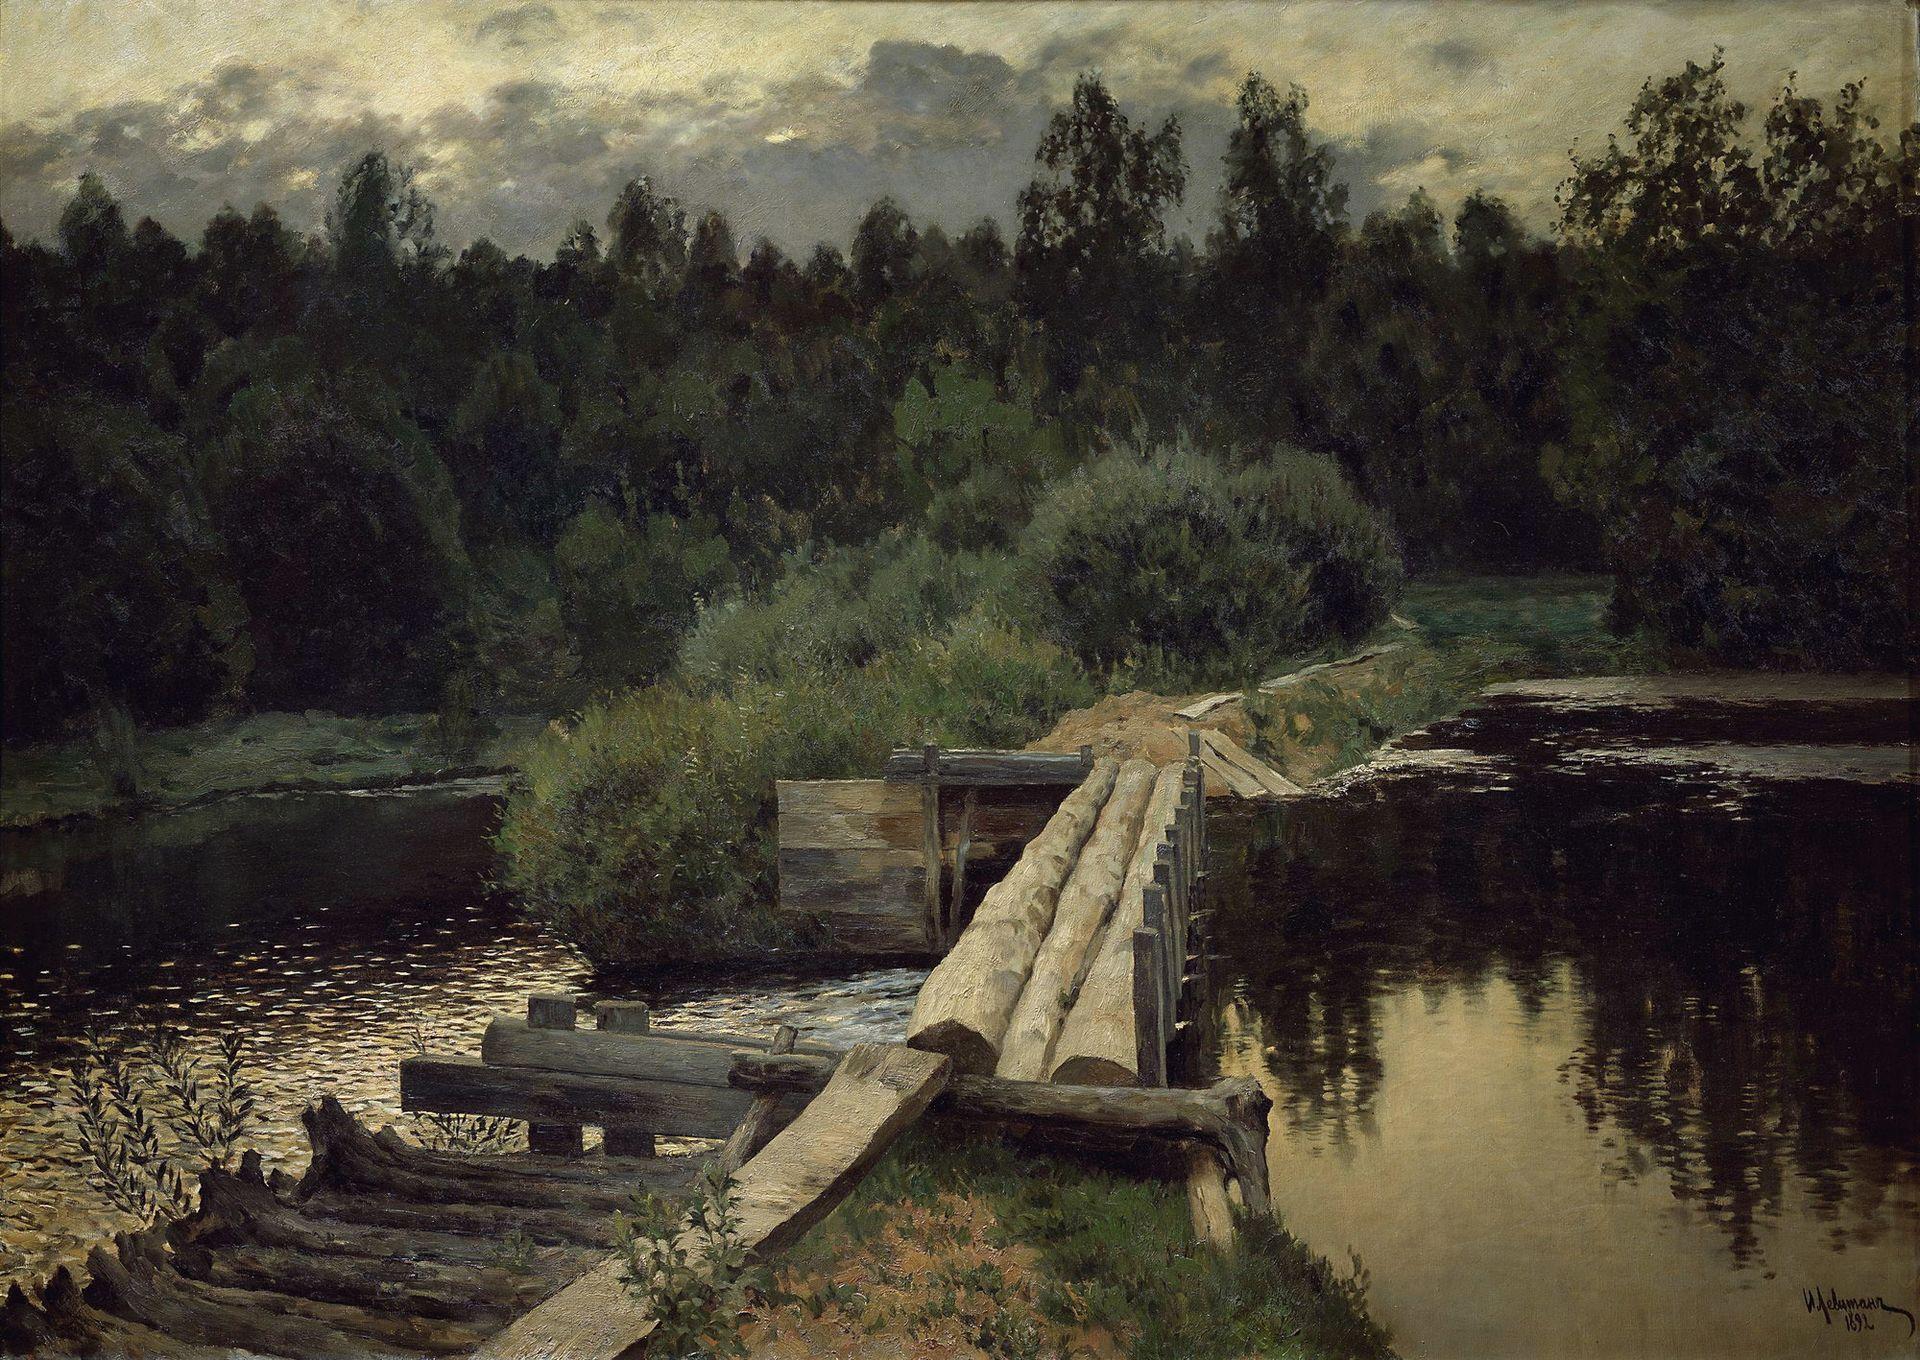 Исаак Левитан, 1892 год, картина «У омута».